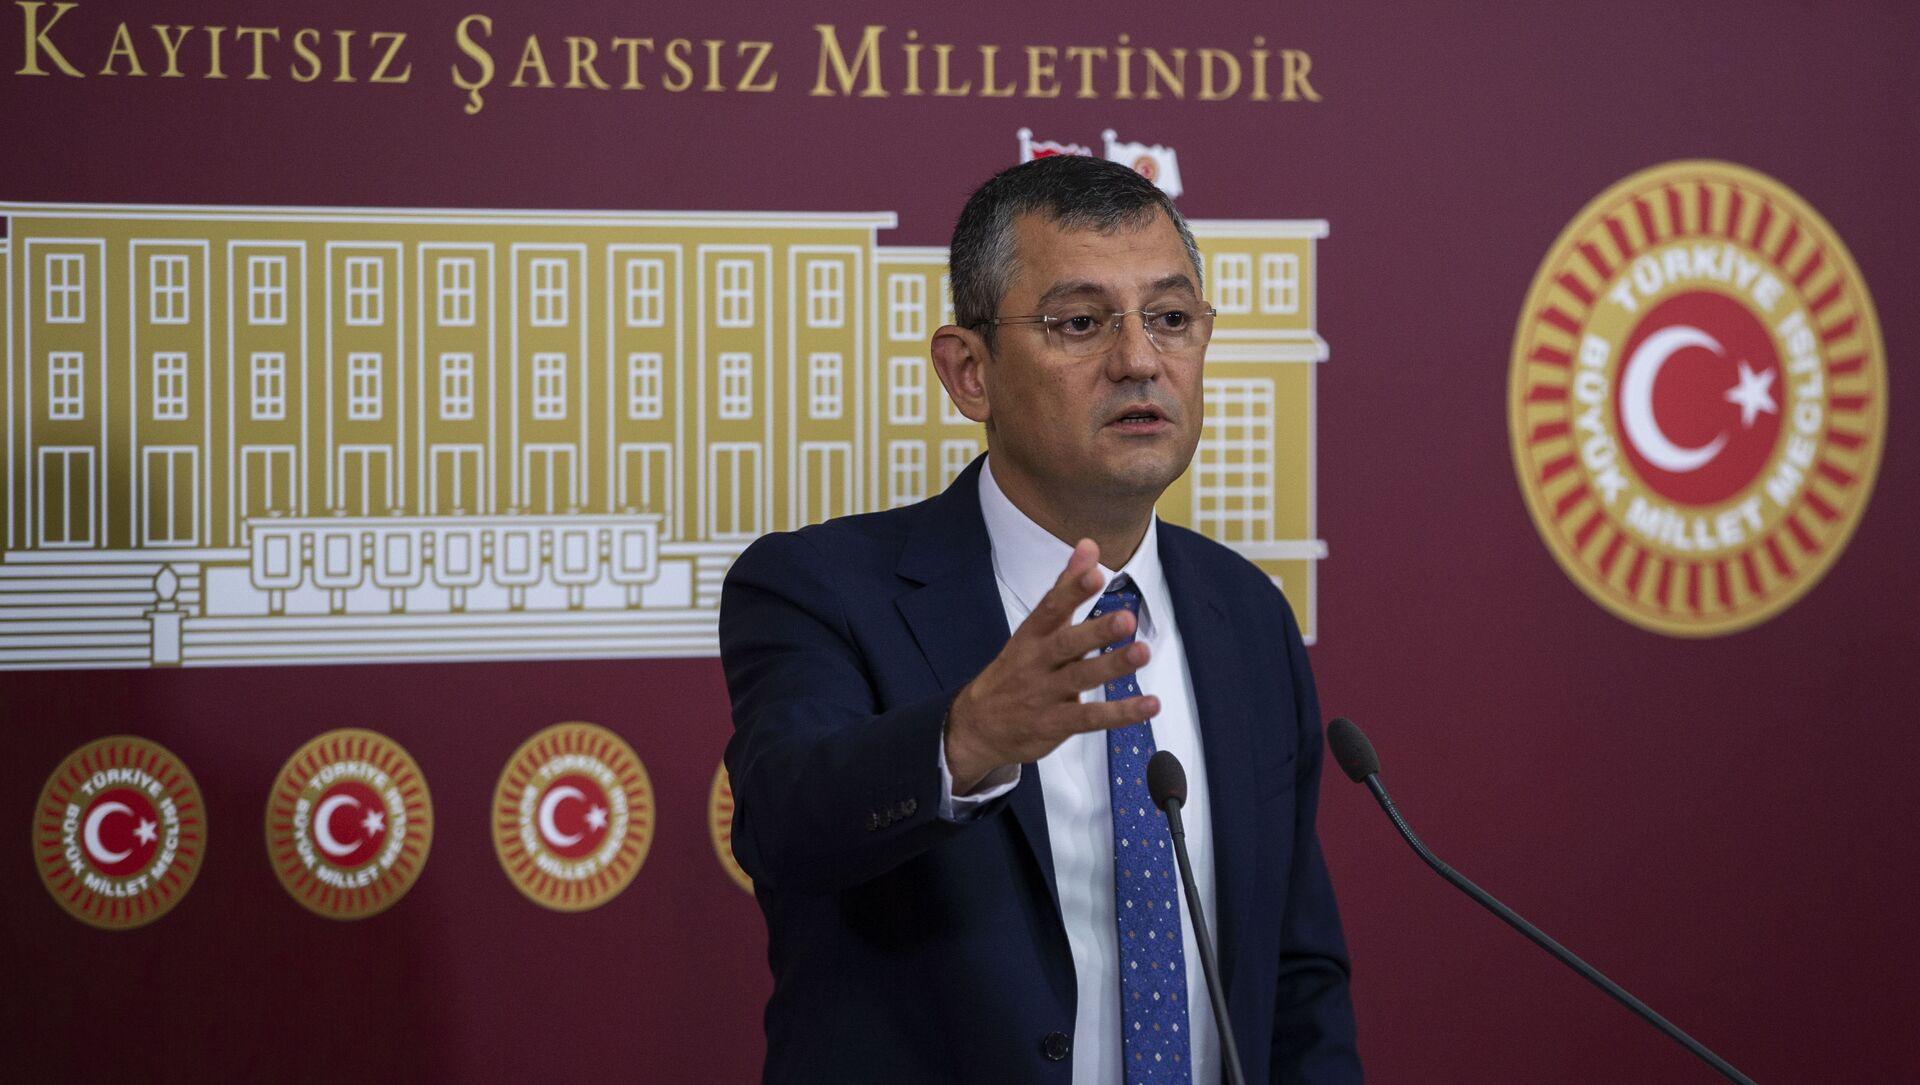 Özgür Özel - Sputnik Türkiye, 1920, 17.02.2021